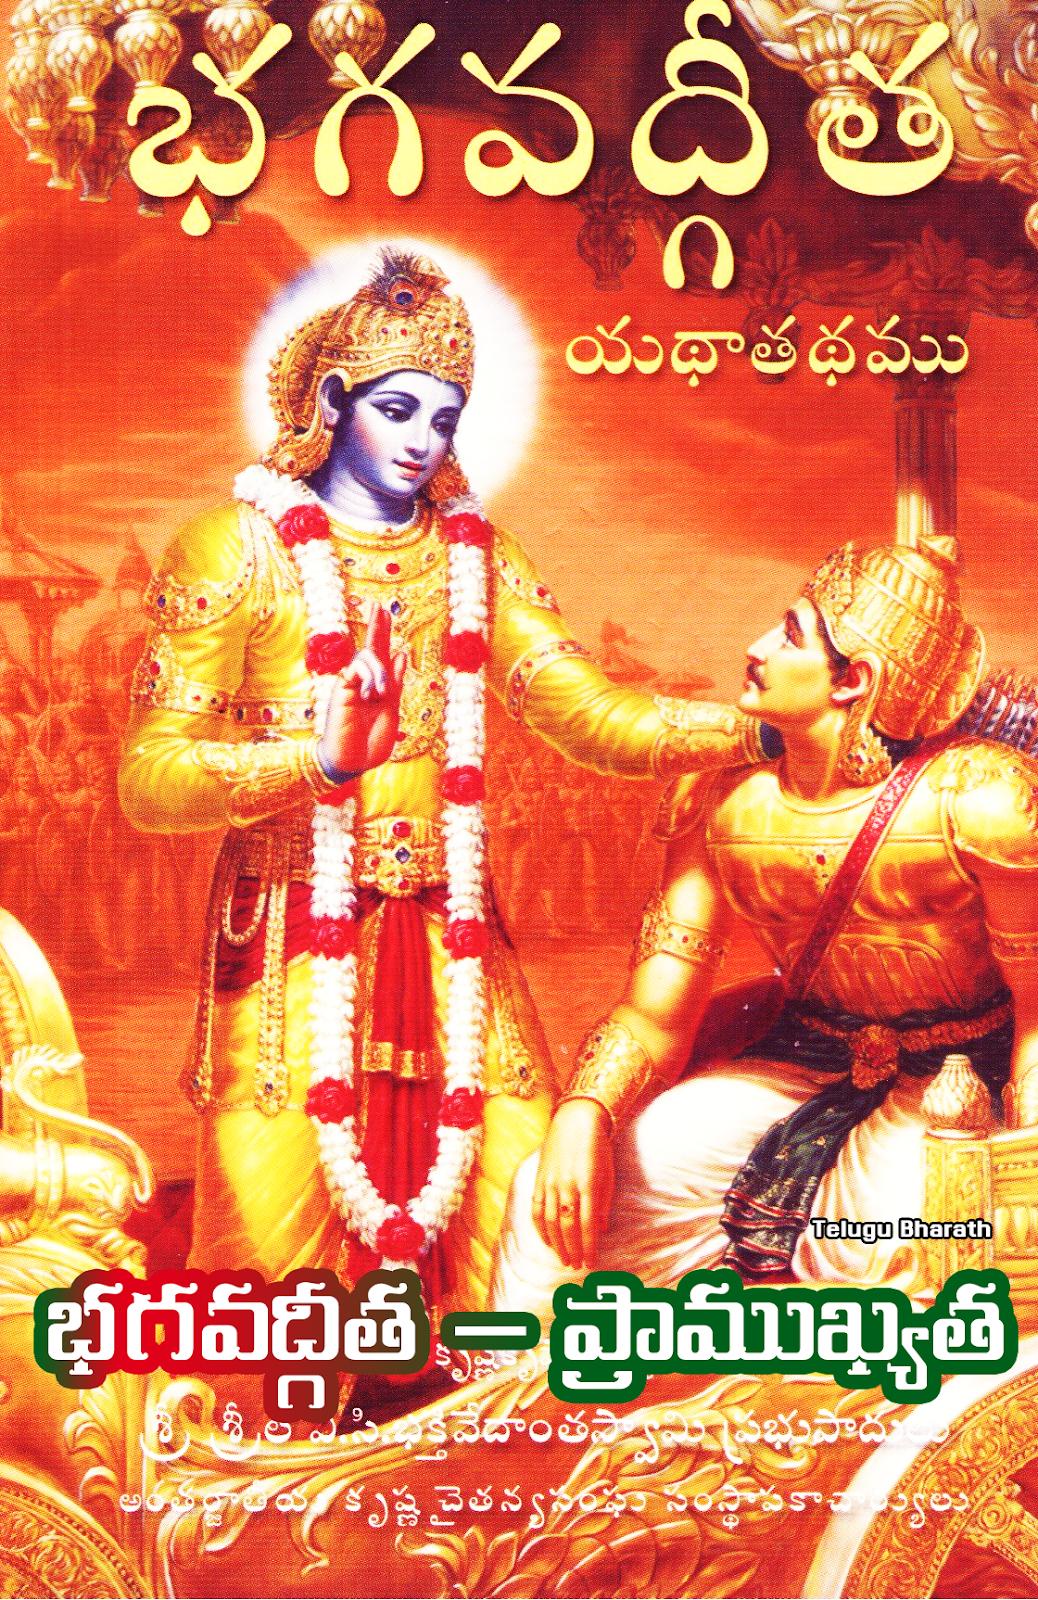 భగవద్గీత సర్వమానవాళికి మార్గదర్శి - Bhawadgitha Margadarshanam